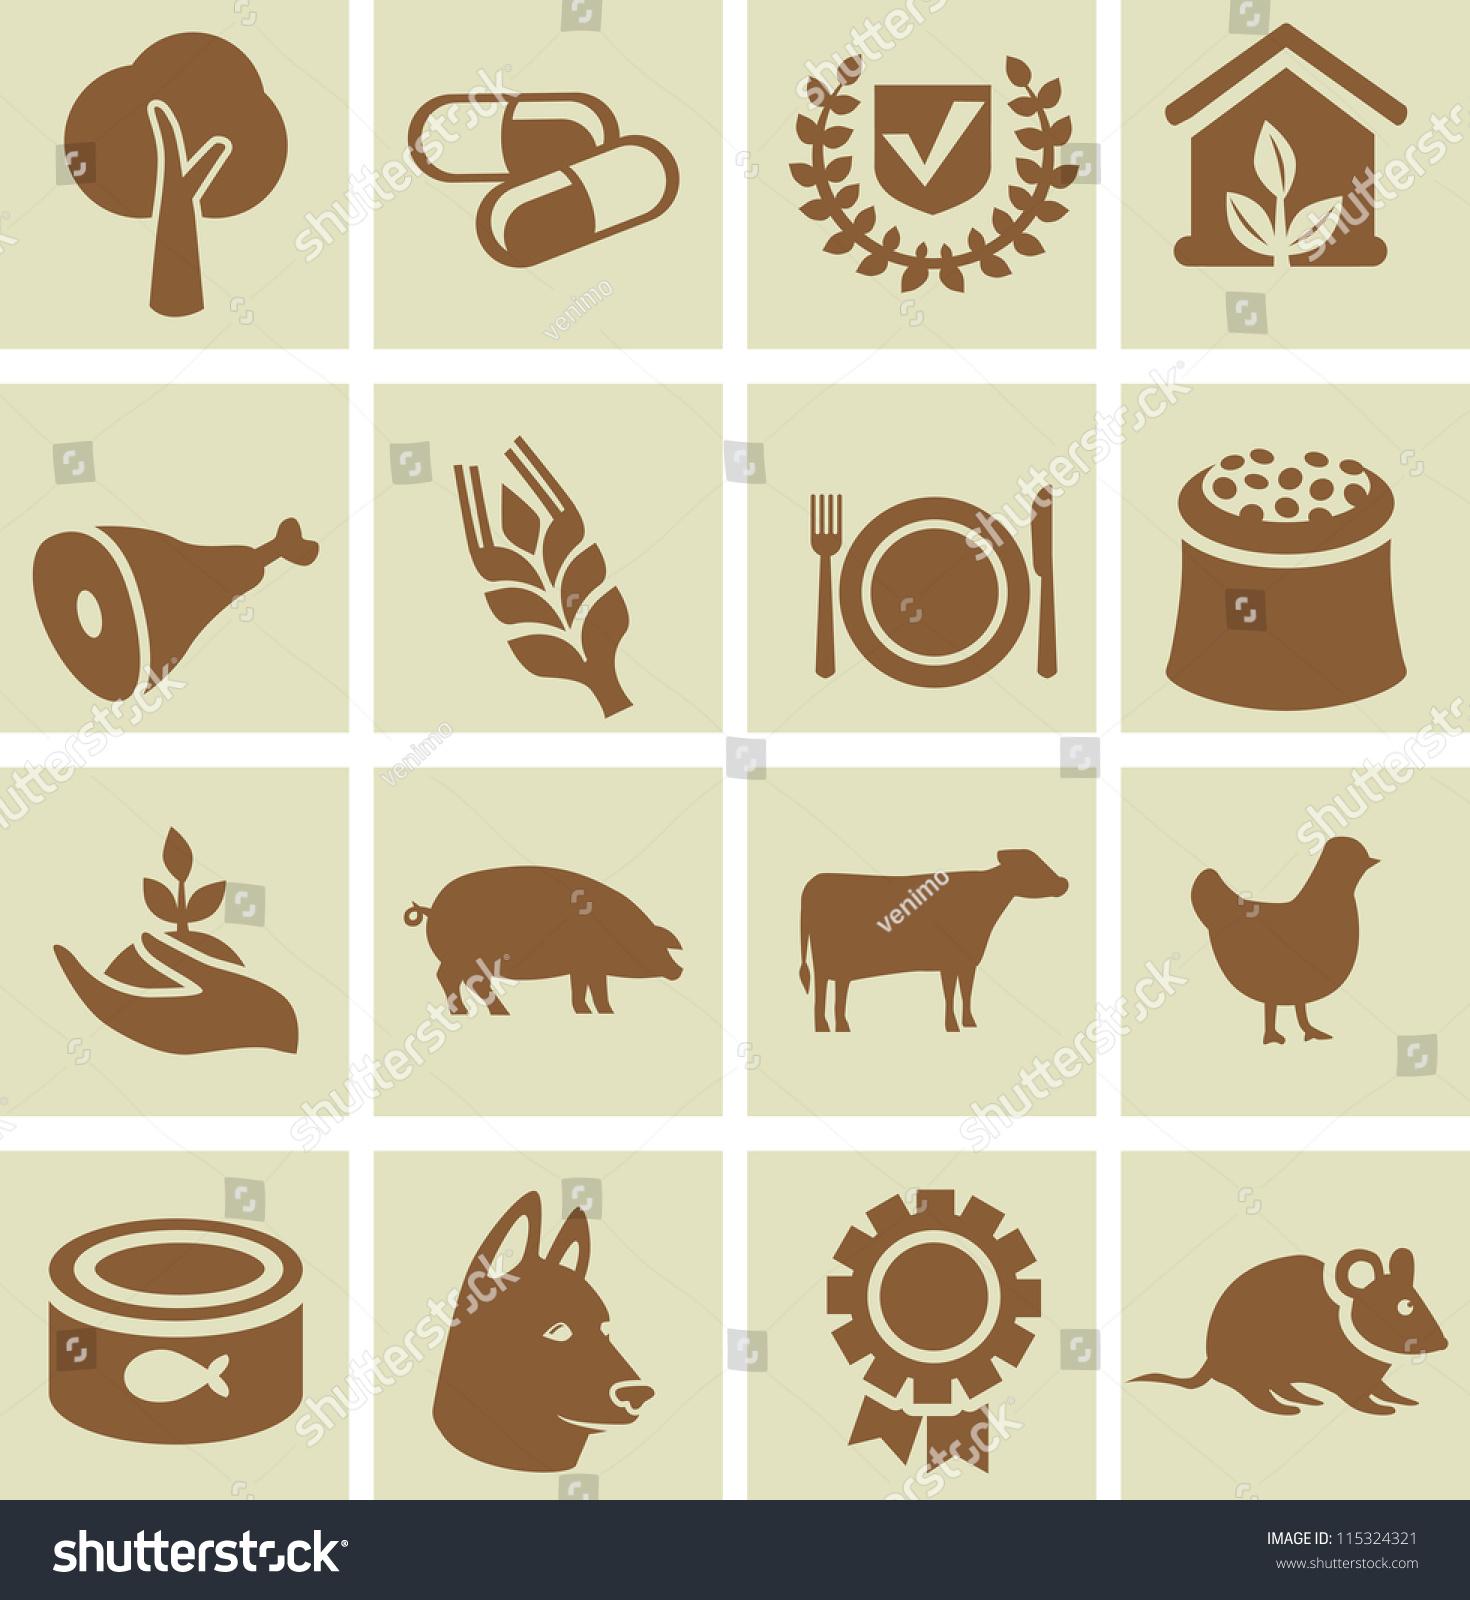 集农业图标——设计元素与动物和植物的迹象-动物